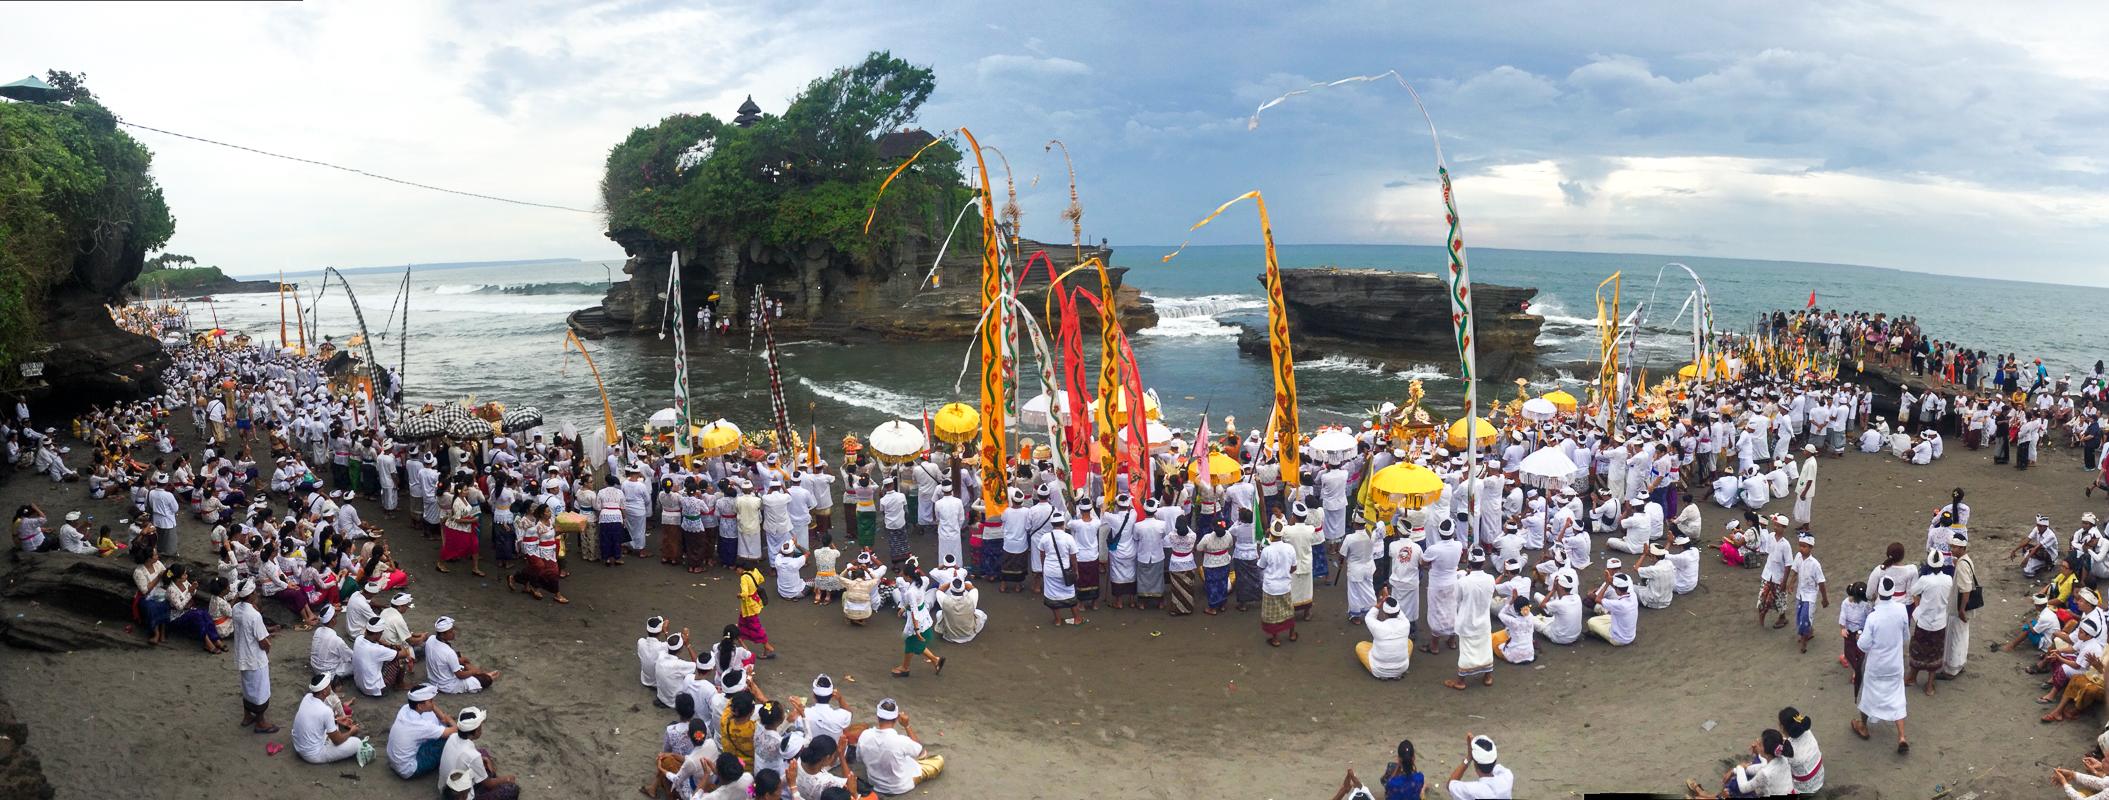 День тишины на Бали: Религиозная церемония возле храма Танах Лот